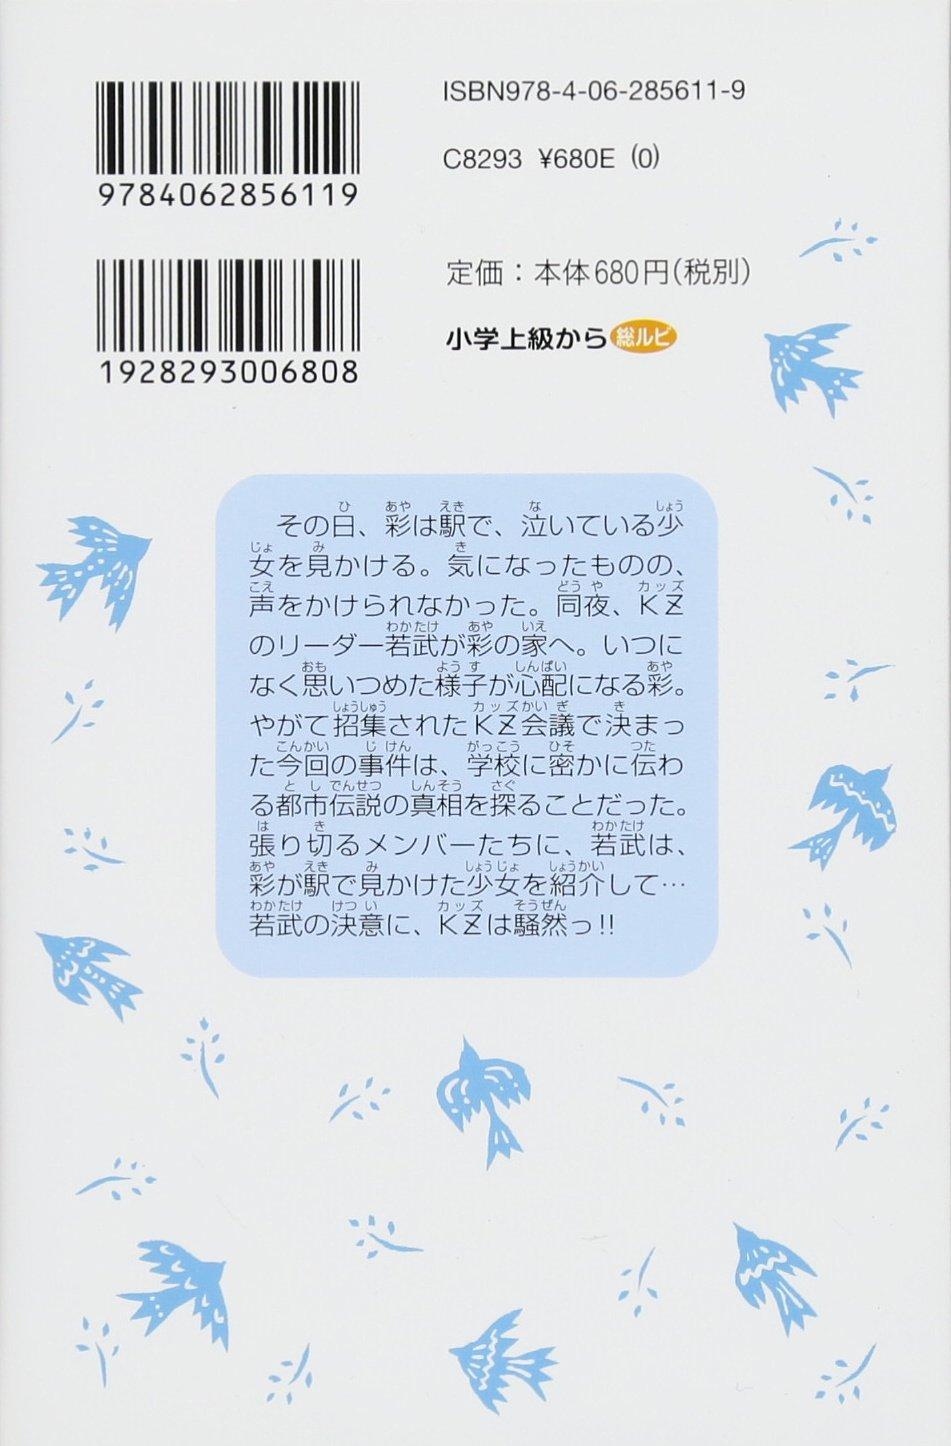 夢 事件 ノート 小説 チームカッズ 探偵